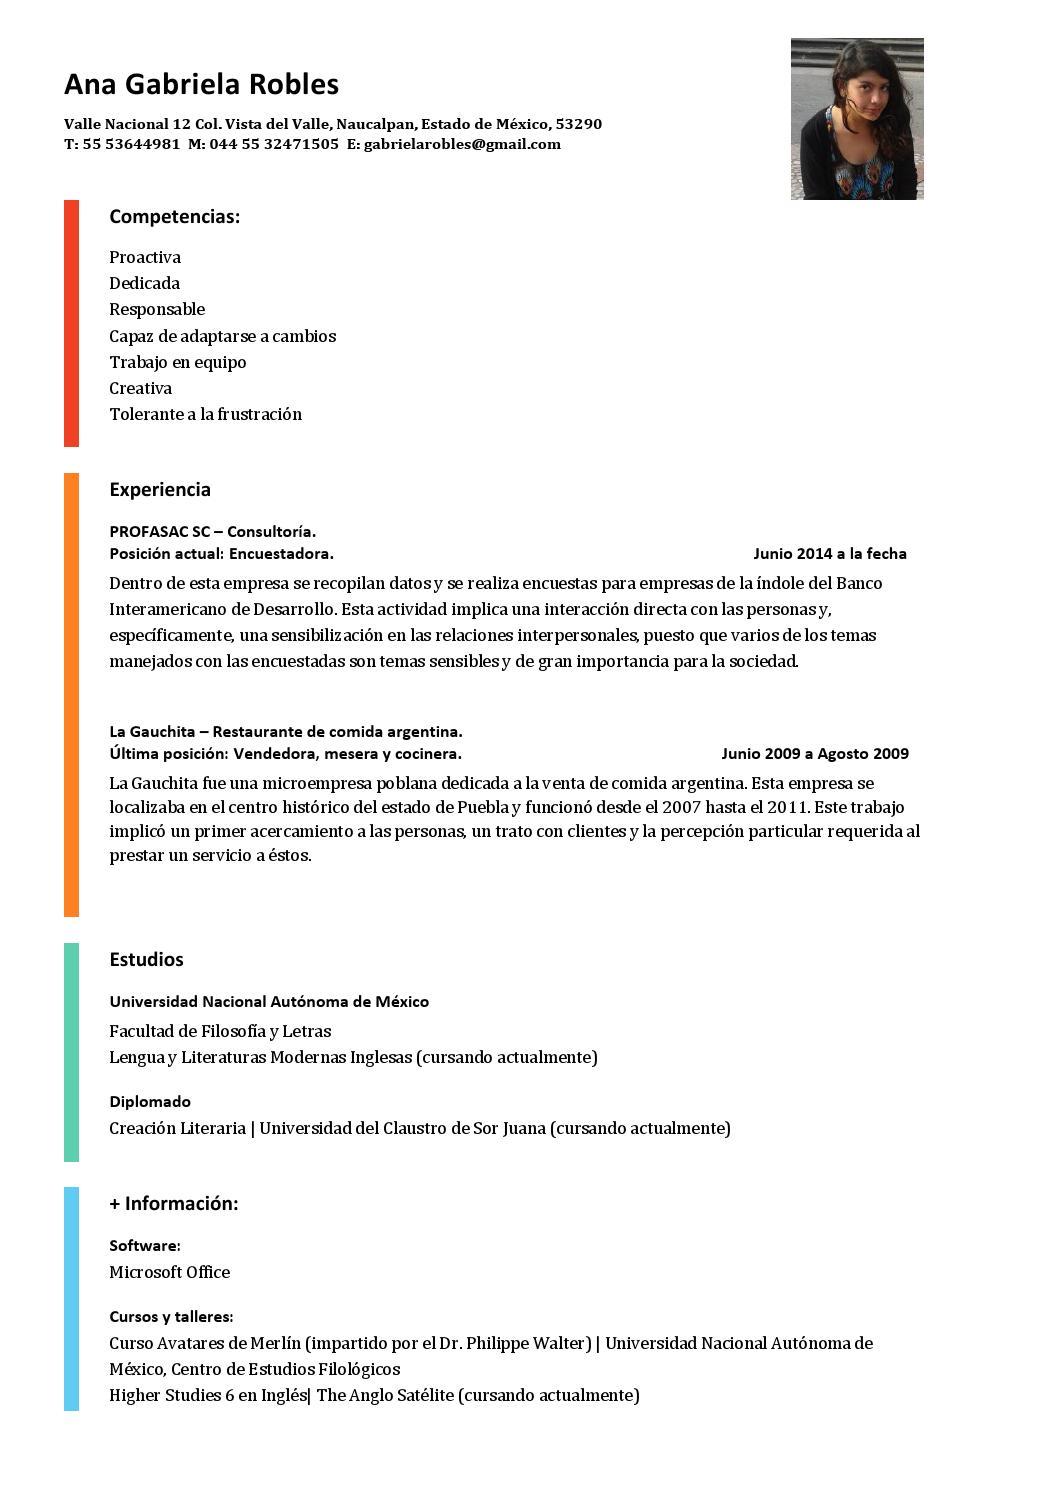 curriculum vitae by ana gabriela robles